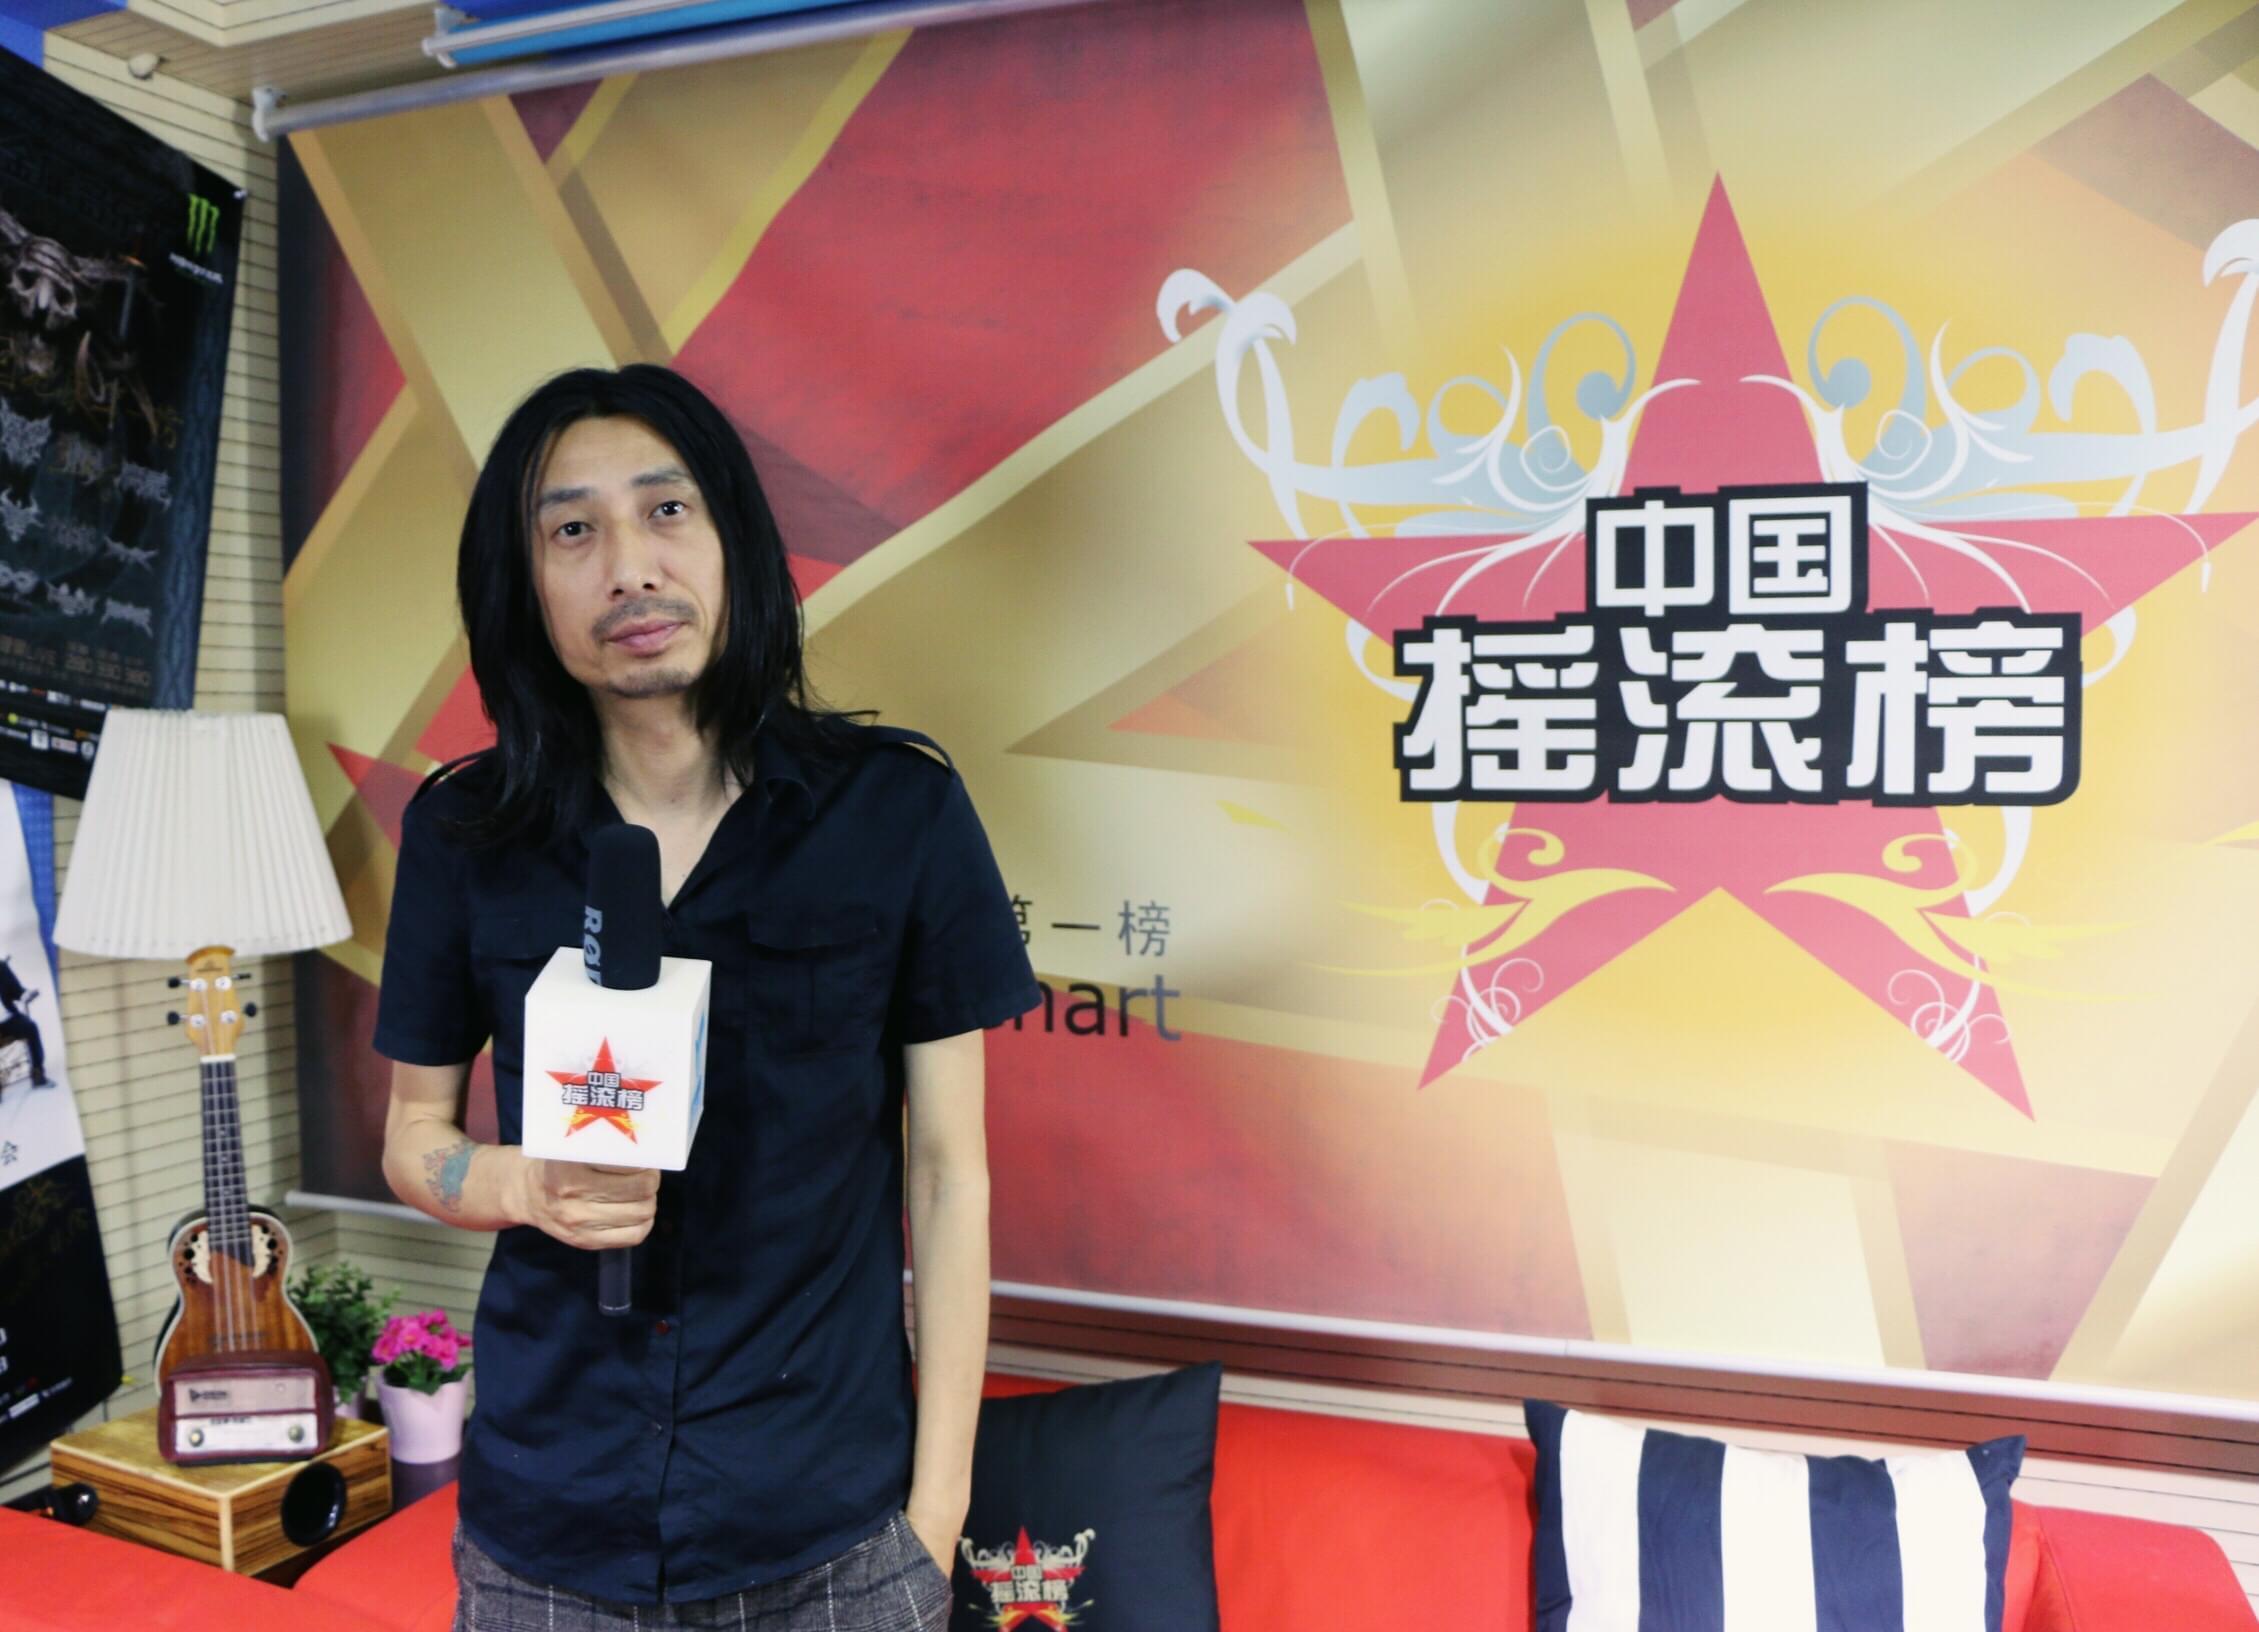 谢天笑做客中国摇滚榜 揭露现场之王的音乐巨制